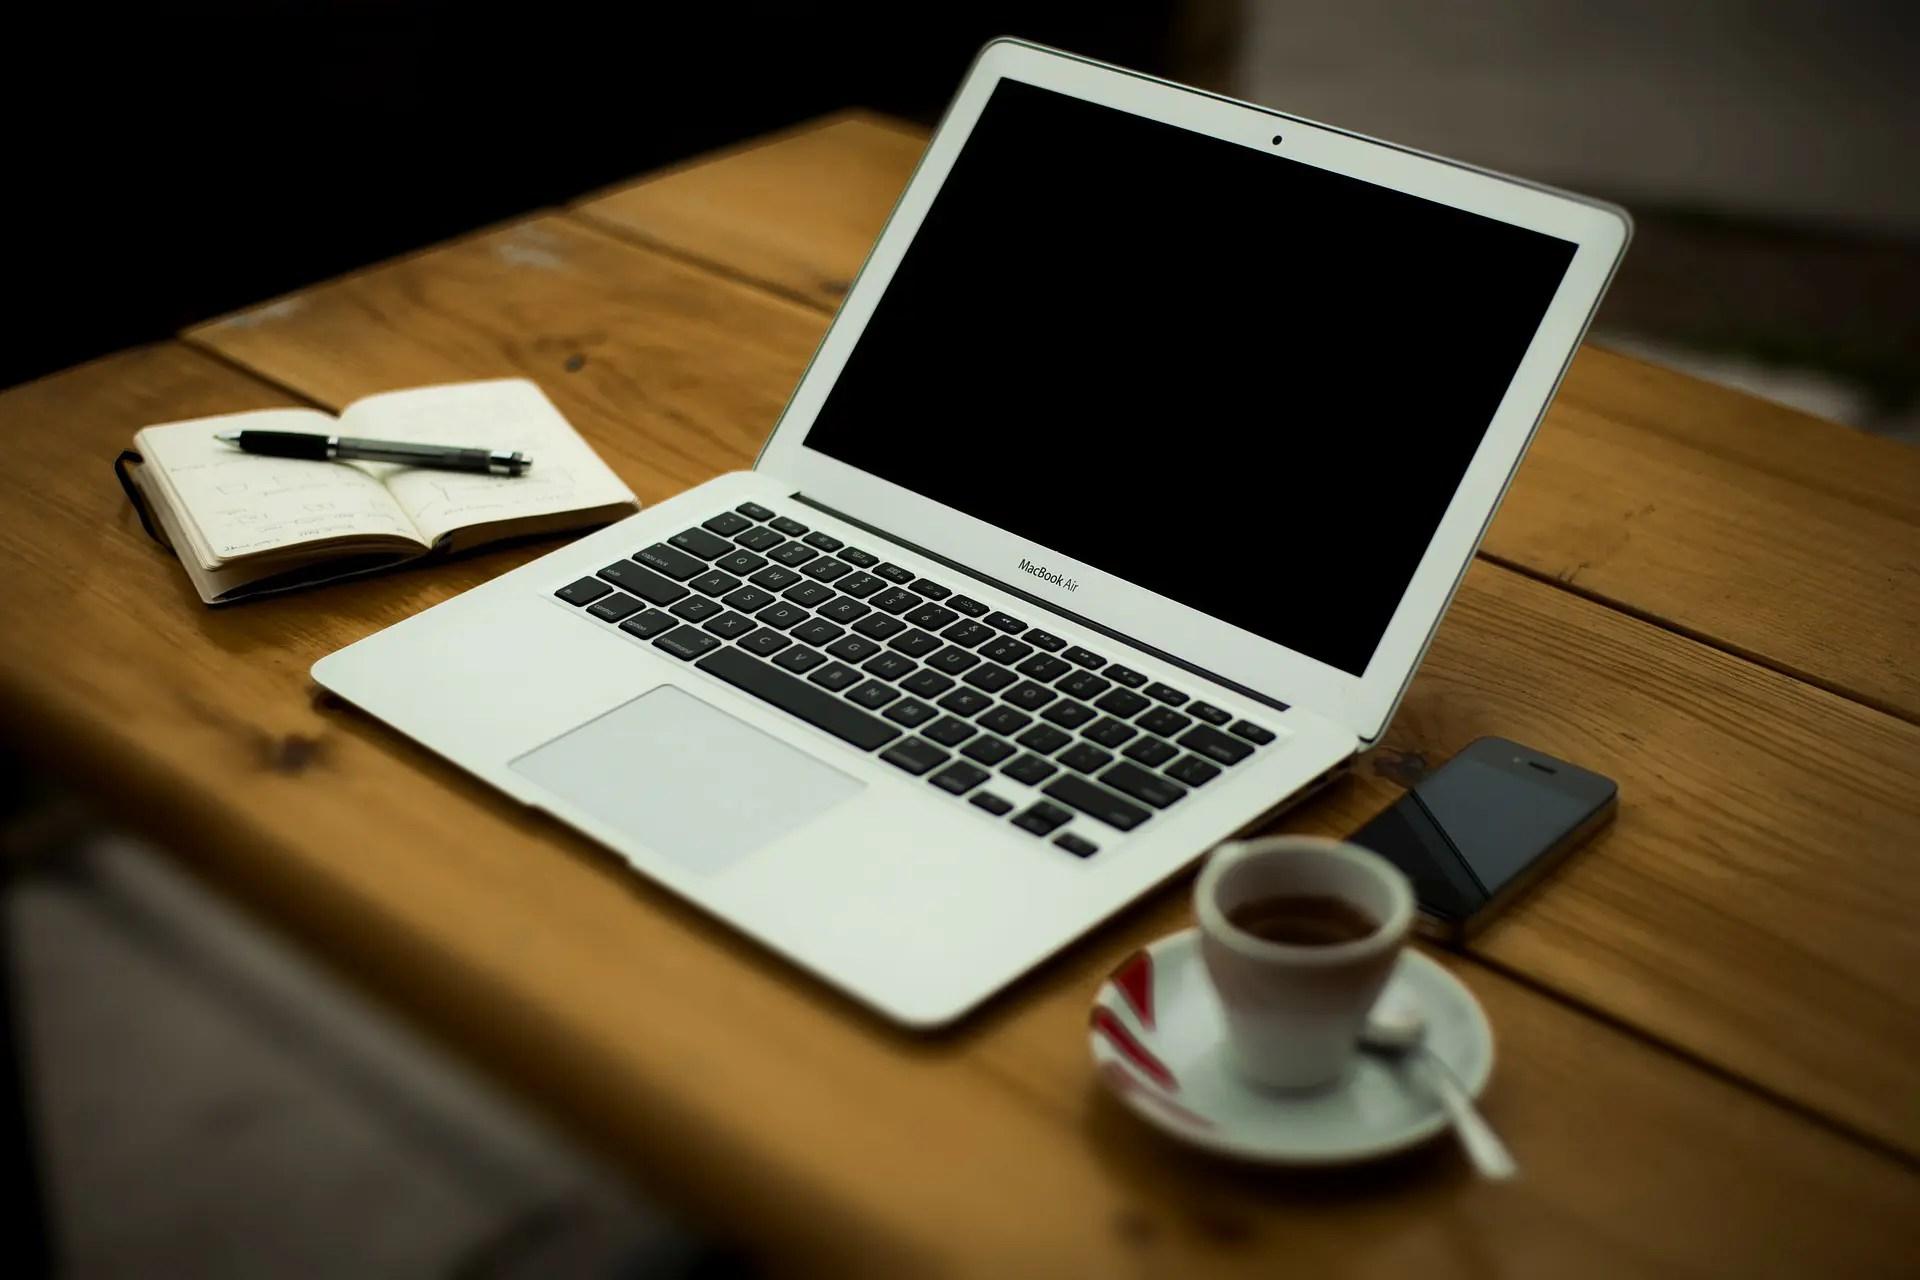 書くこと(ライティング)を学ぶことで